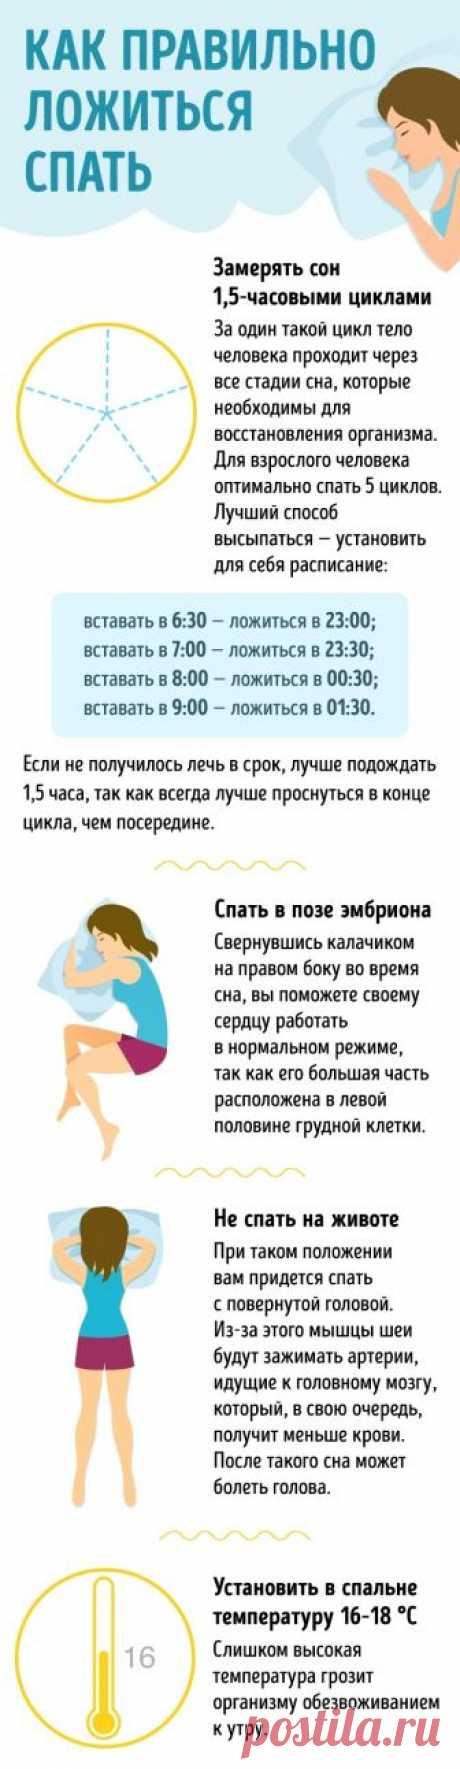 6приемов для идеального сна, которыми пользуются мировые спортсмены